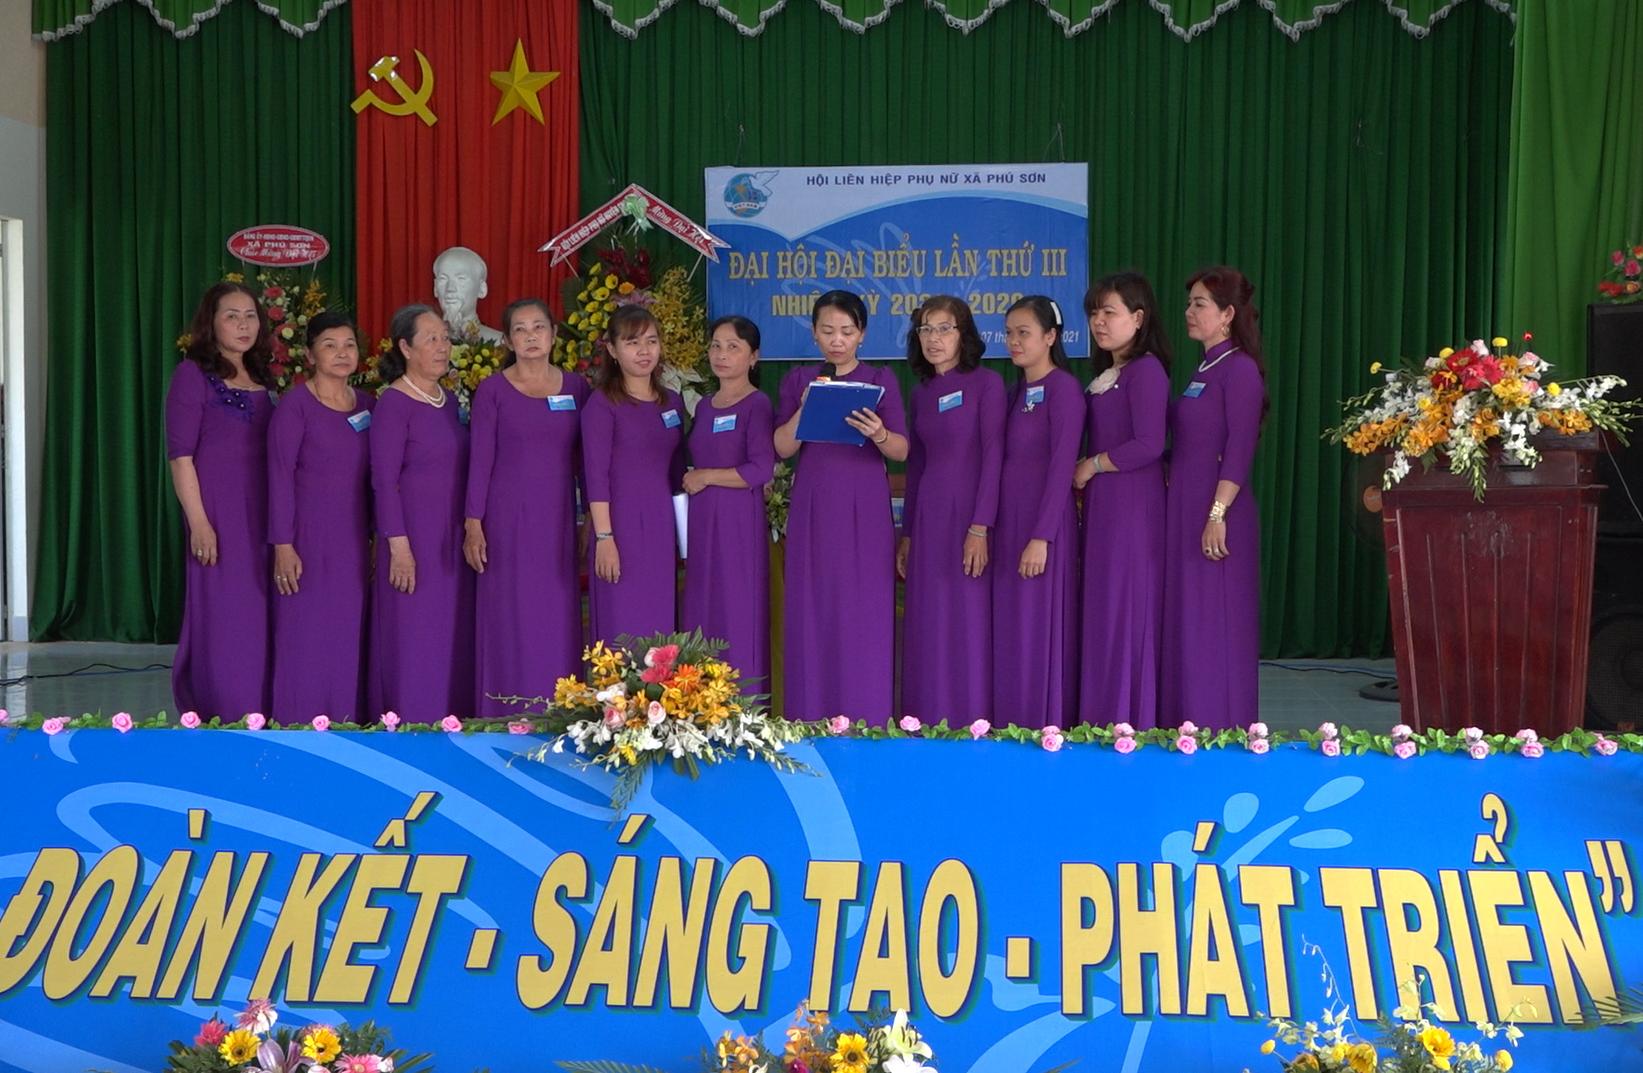 Hội Liên hiệp Phụ nữ xã Phú Sơn và Thị trấn, huyện Chợ Lách tổ chức đại hội đại biểu phụ nữ, nhiệm kỳ 2021- 2026